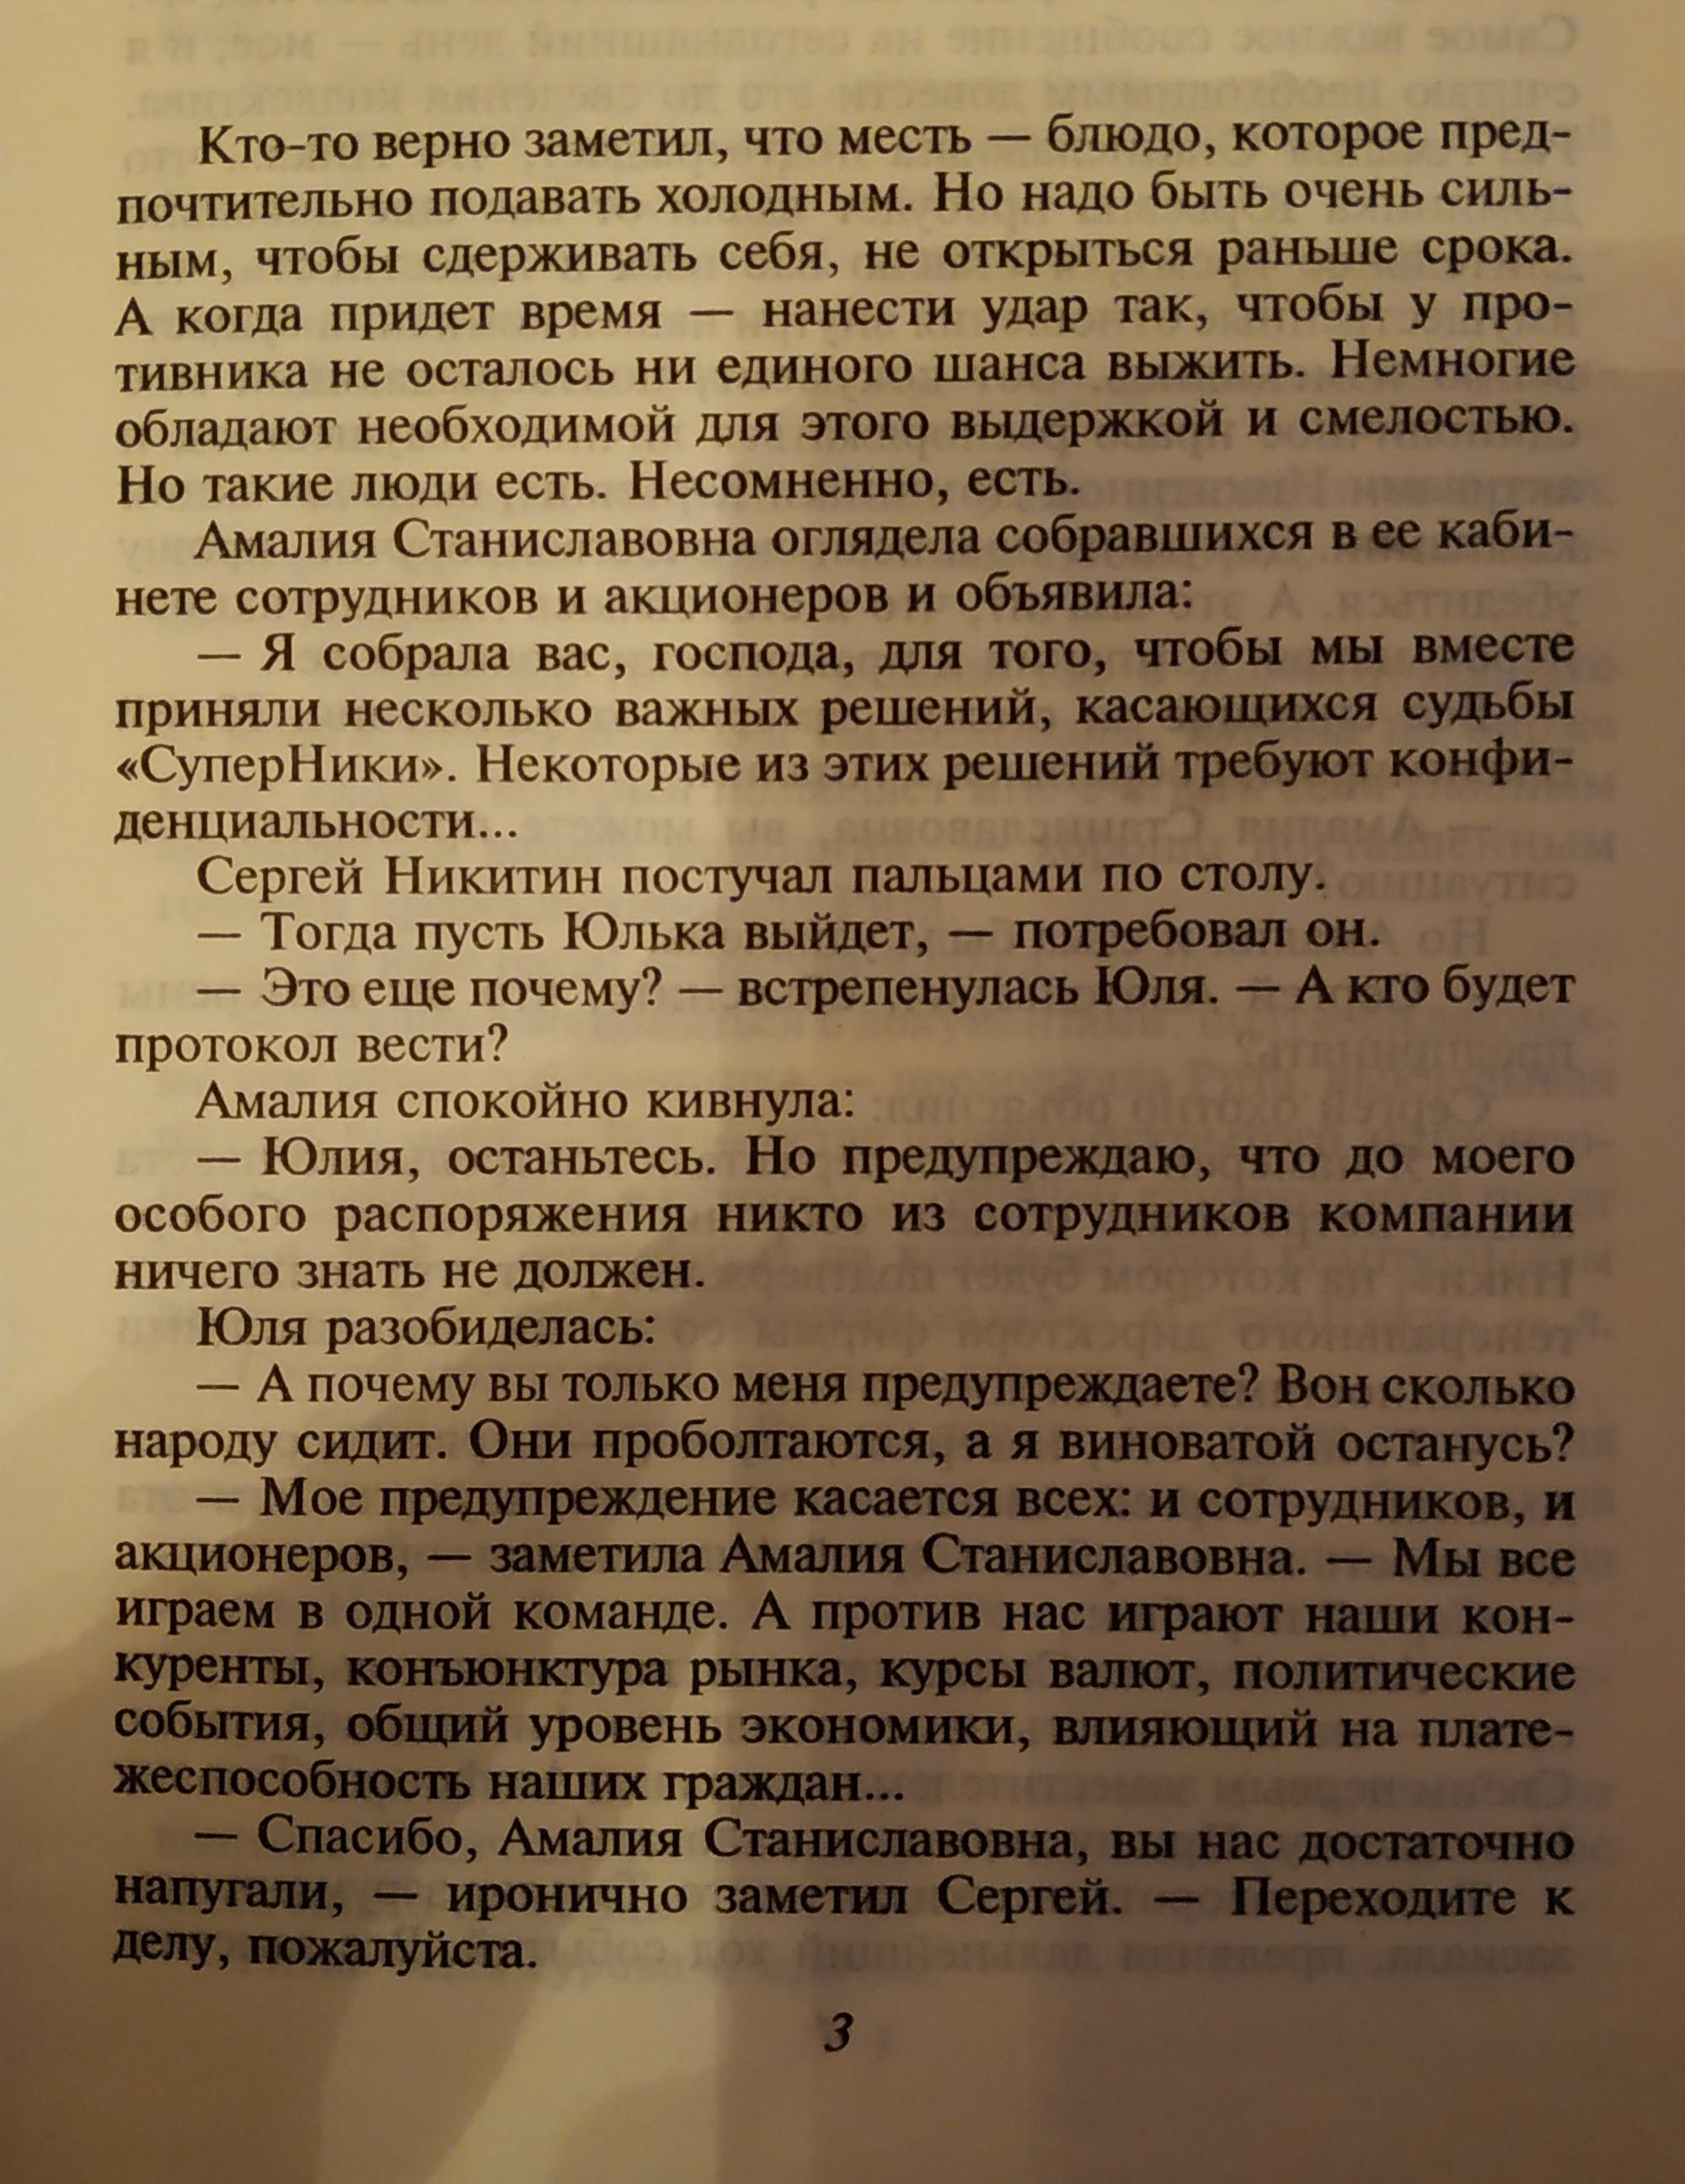 http://sh.uploads.ru/kglIV.jpg